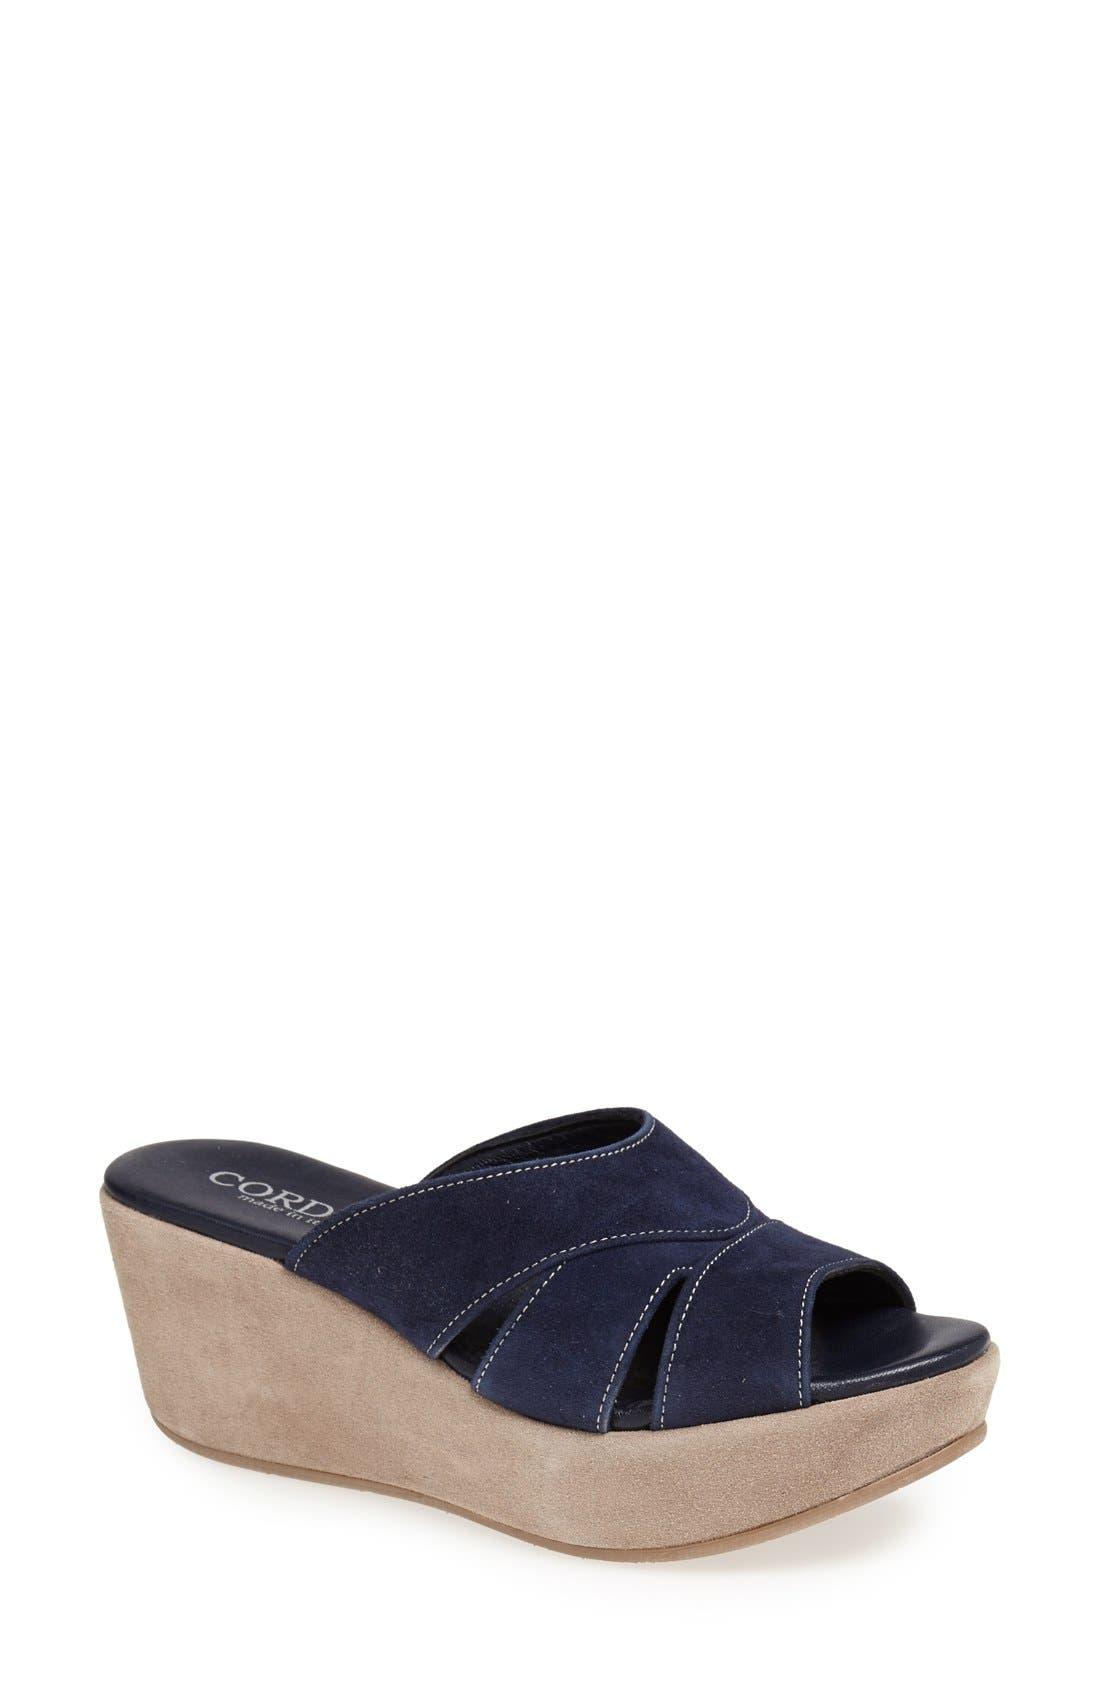 Alternate Image 1 Selected - Cordani 'Darian' Sandal (Women)